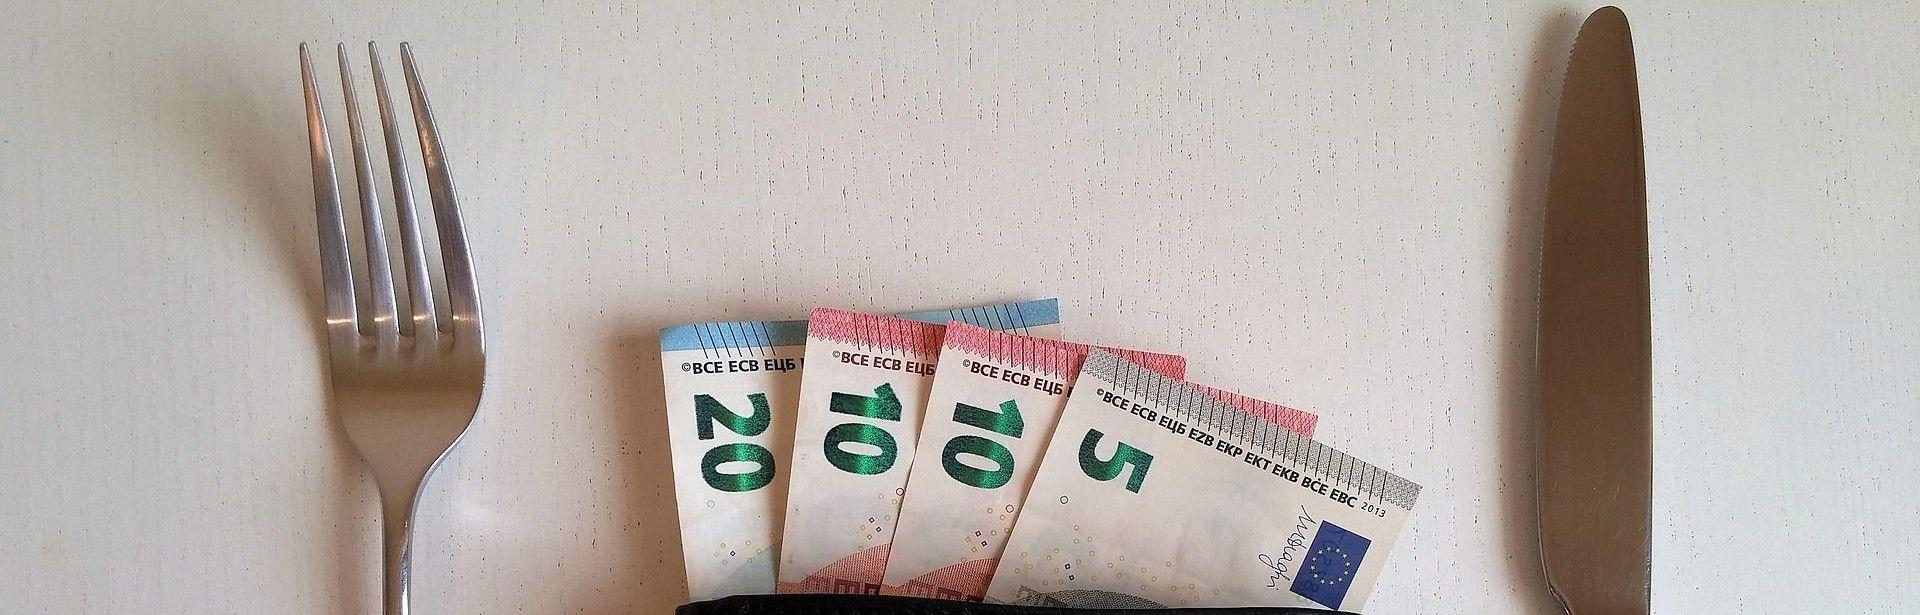 Gehaltsumwandlung ohne verbindlichen Rechtsanspruch